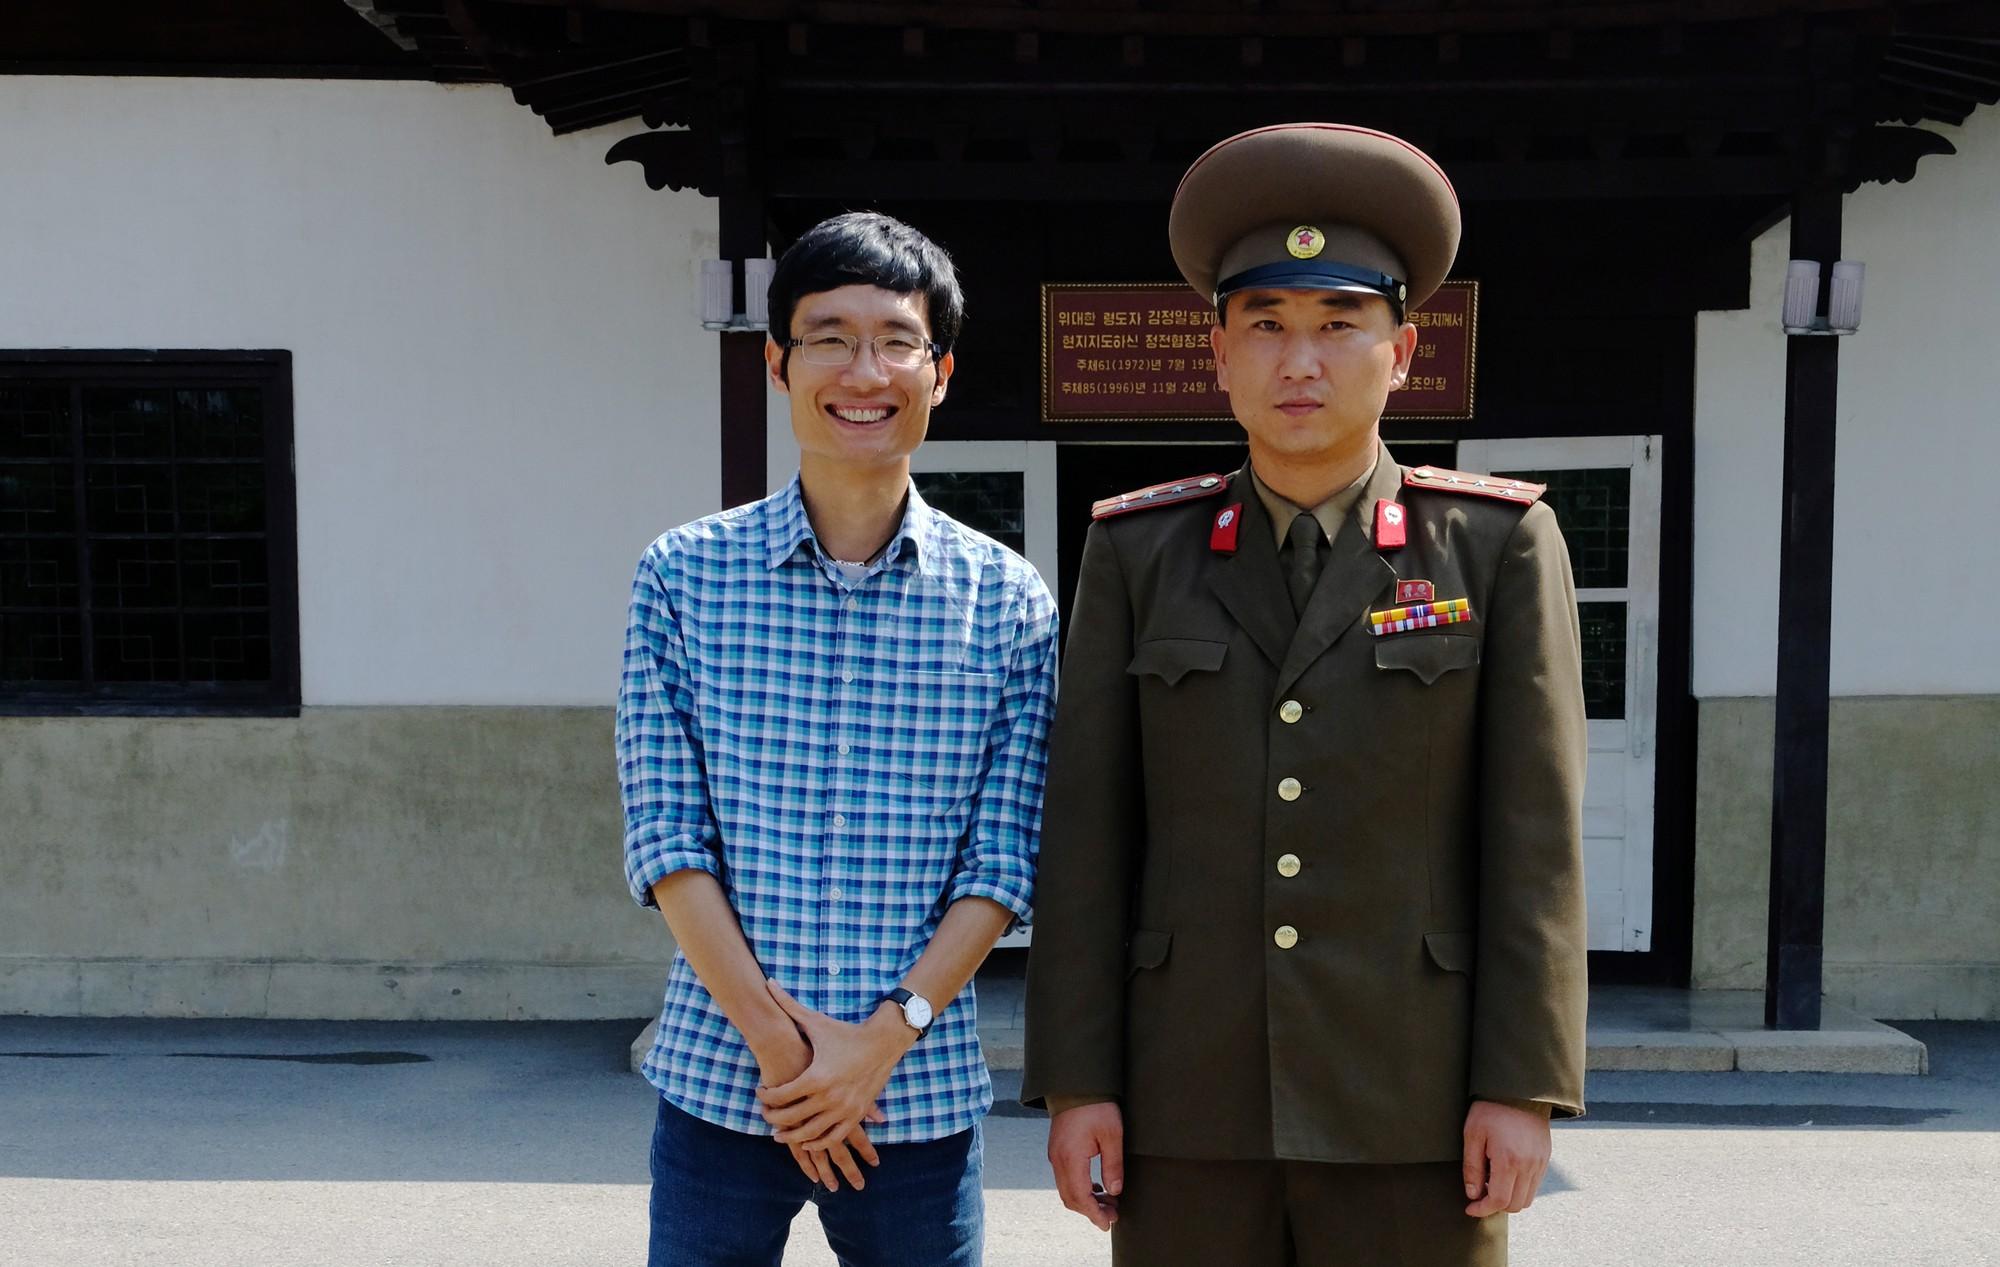 [PHOTO ESSAY] Thù địch và hy vọng ở DMZ liên Triều nhìn từ hai phía qua ống kính người Việt - Ảnh 9.